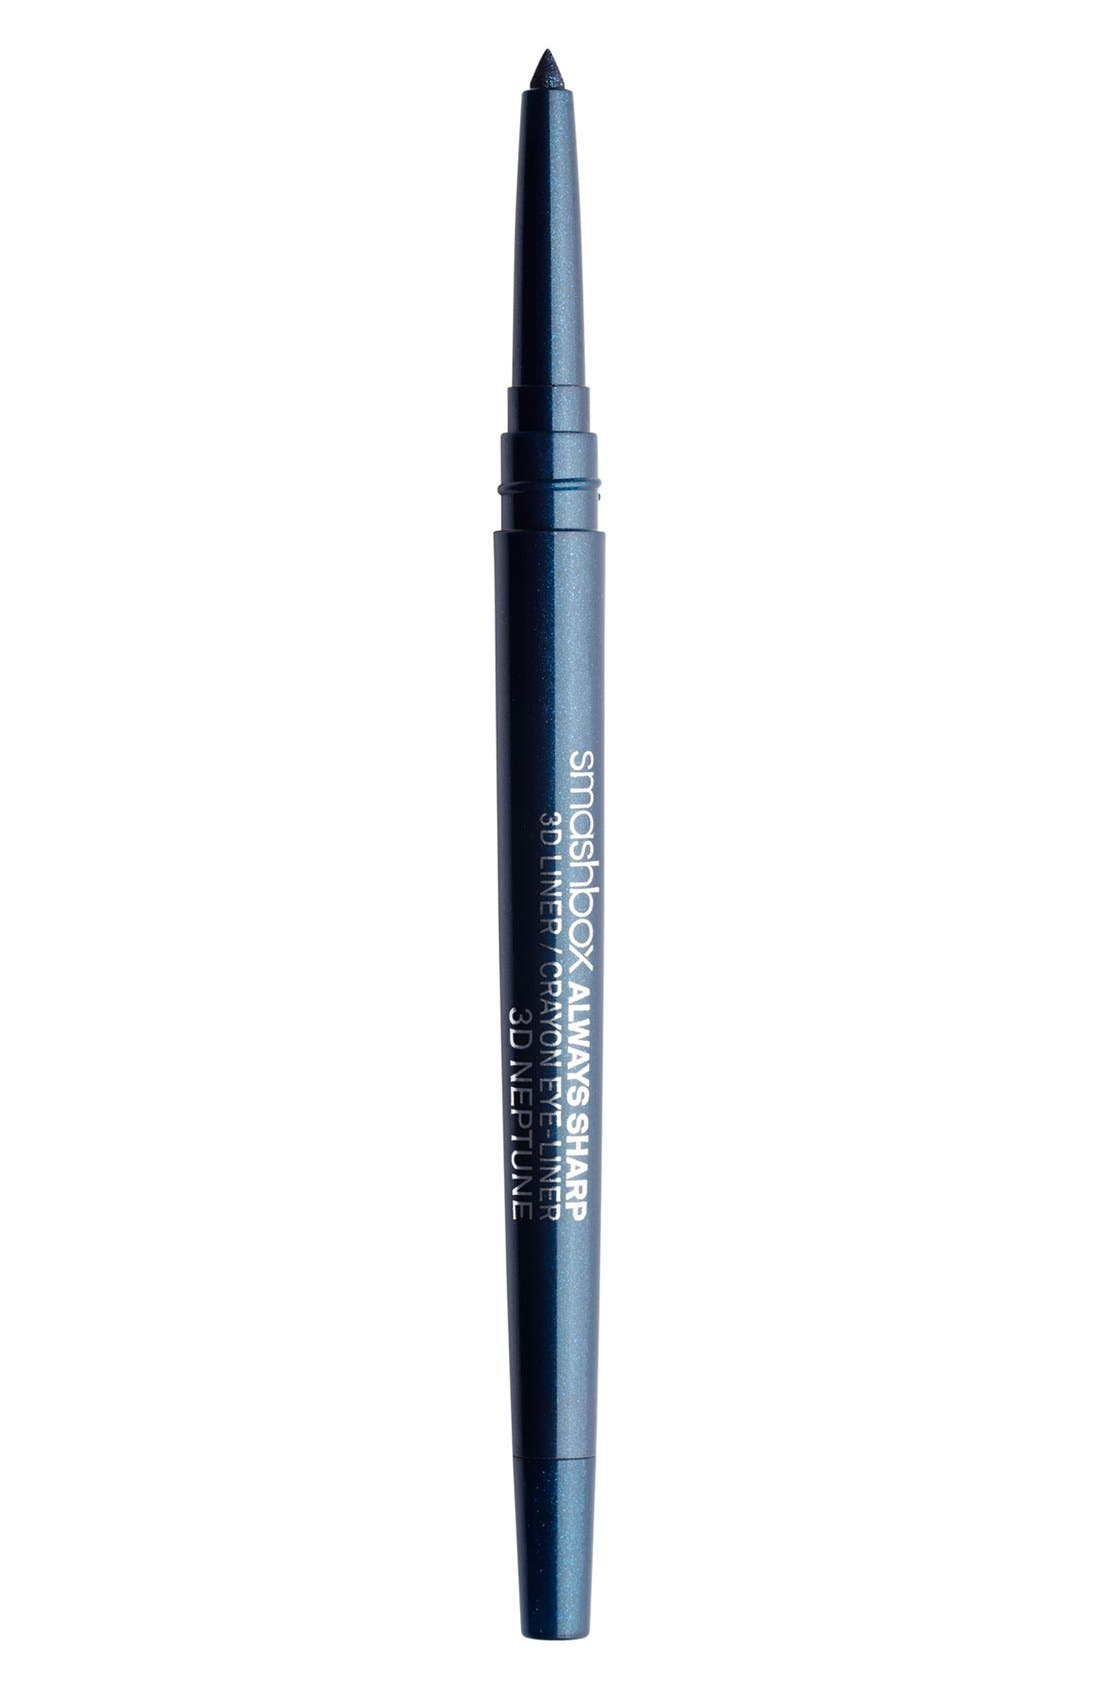 Always Sharp 3D Eyeliner,                             Main thumbnail 1, color,                             3D NEPTUNE